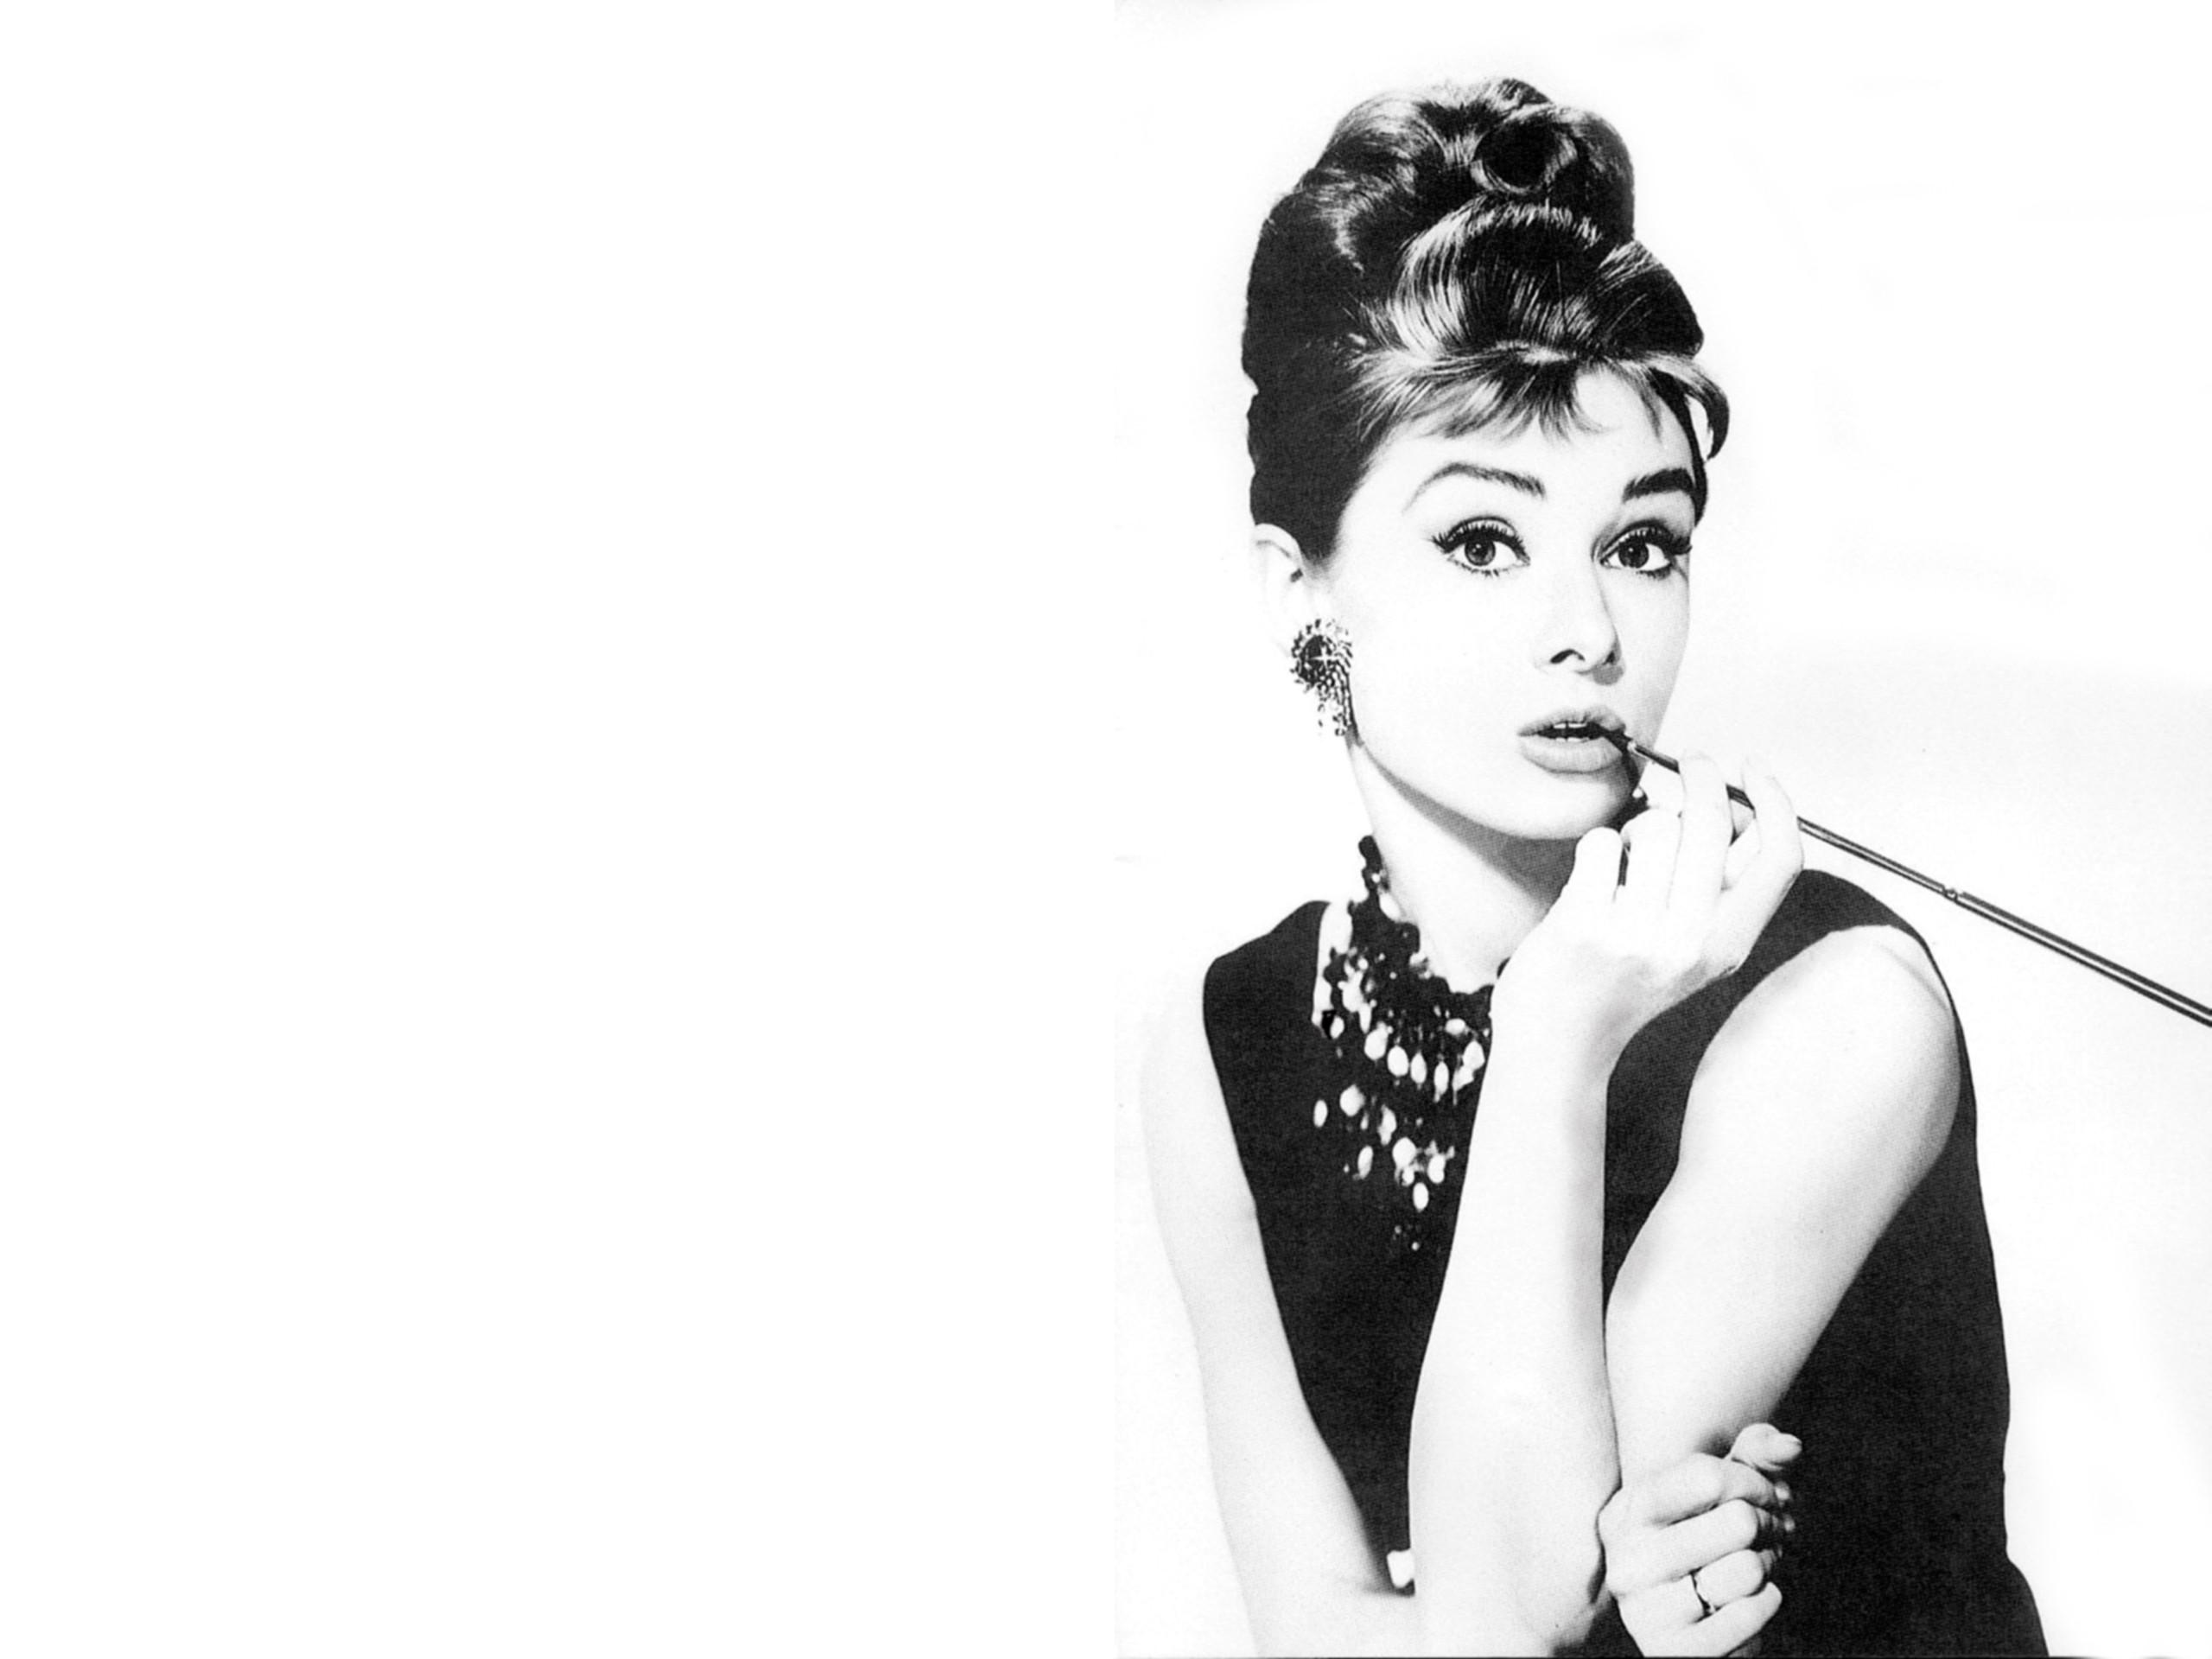 Fondos De Pantalla 2560x1920 Px Audrey Hepburn Desayuno